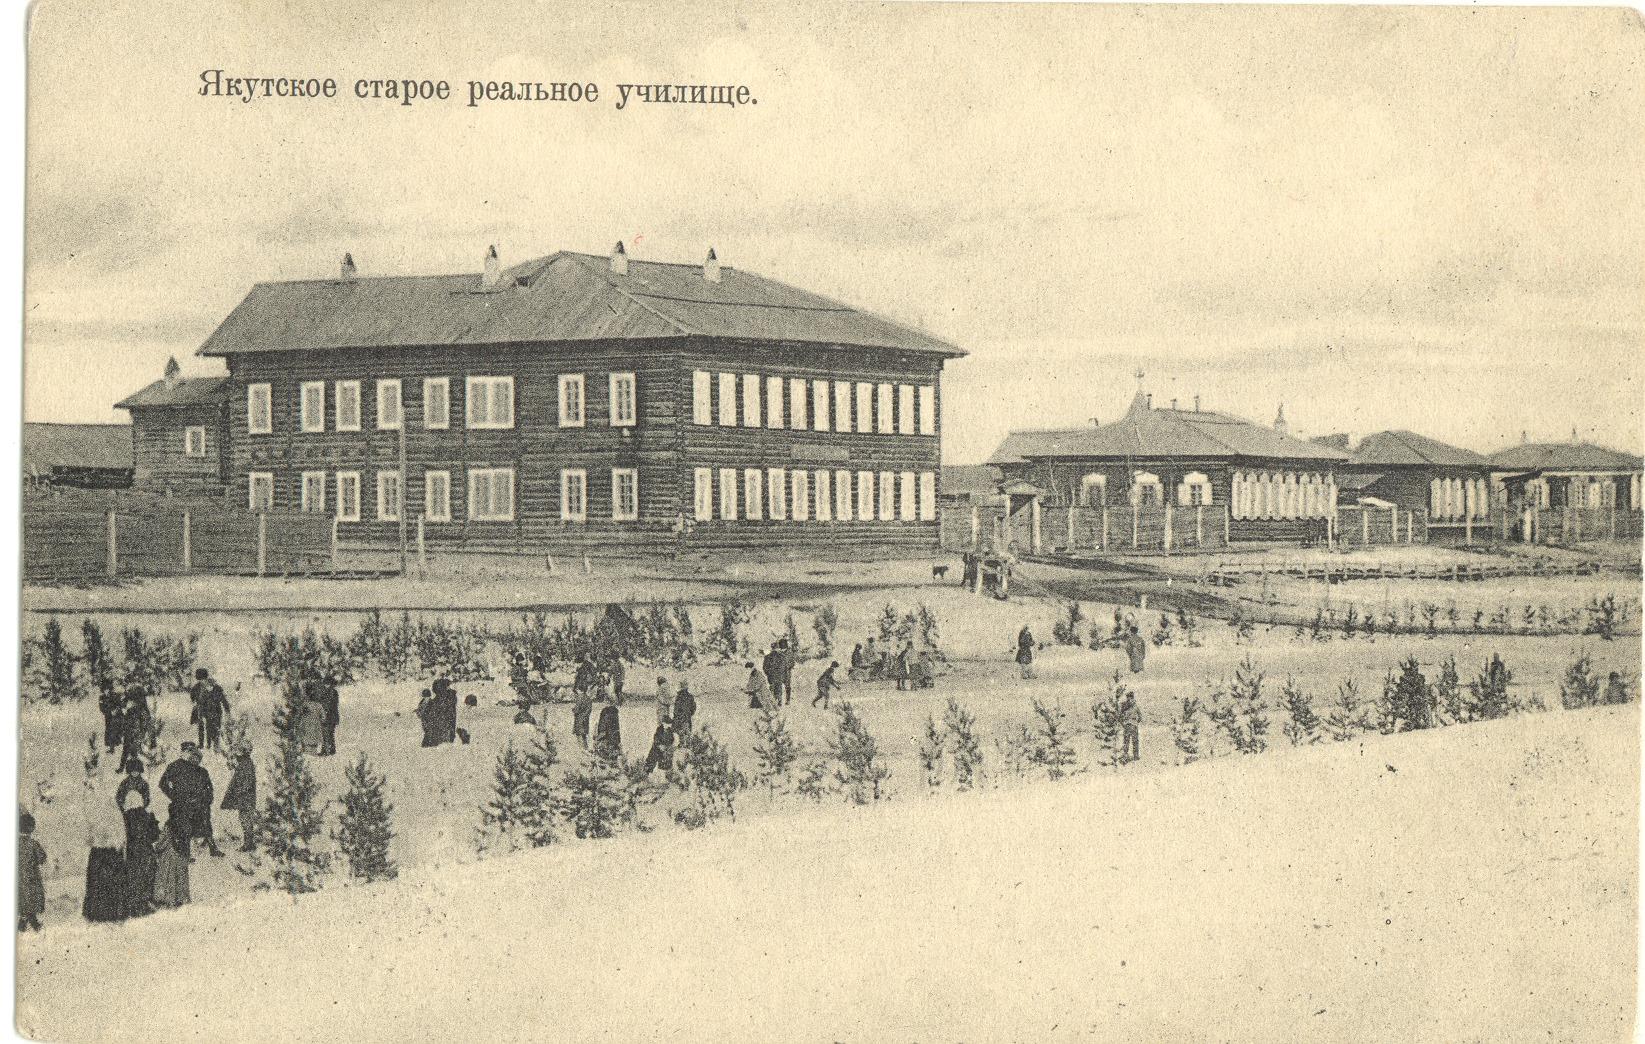 Старое реальное училище